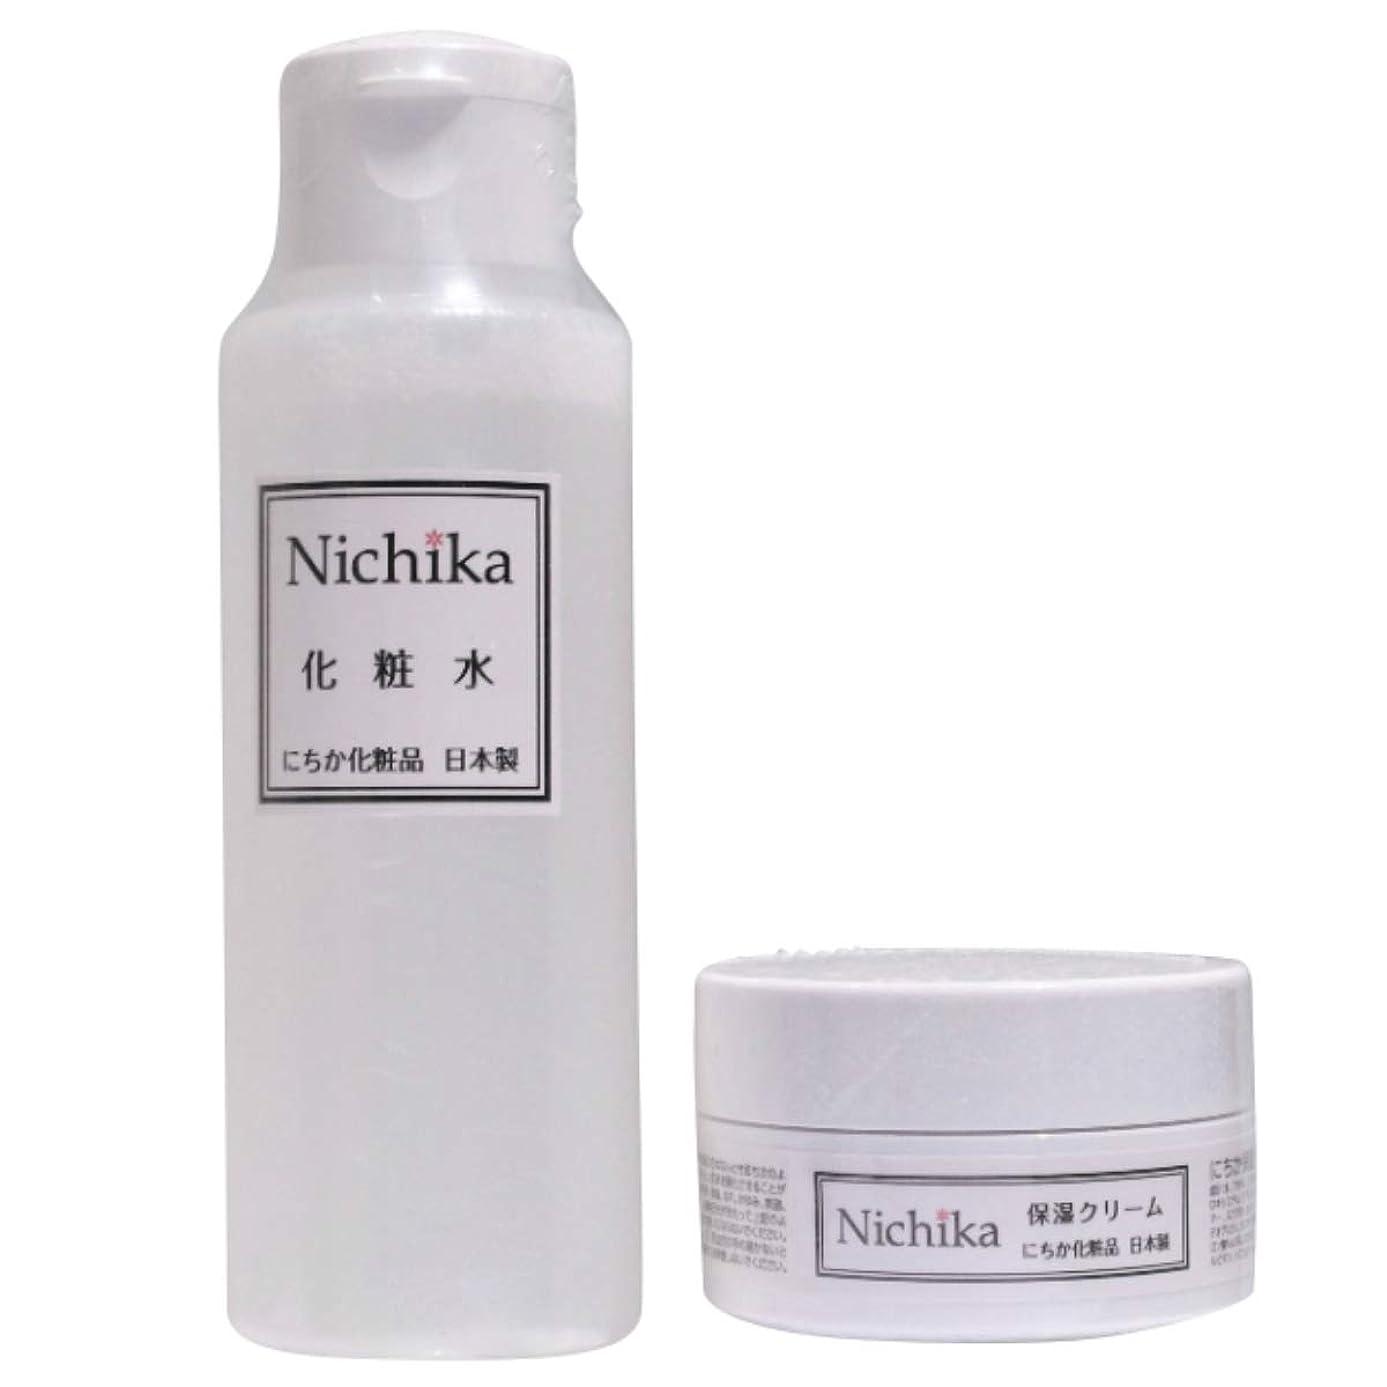 ご意見エンジニアリング口実にちか化粧品 化粧水 クリームセット 日本製 『ワンランク上の潤いハリ肌』を『リーズナブル』に。  ヒアルロン酸の1.3倍の保水力があるプロテオグリカン配合。肌バリア力を強化。角質層に水分がたっぷりある「健康肌」をつくり、刺激や紫外線から角質層より深い位置の肌を守ります。 さっぱりとした使用感で肌に素早く浸透。肌馴染みが良く吸い付くような.みずみずしい使用感は今よりワンランク上の肌を目指す方におススメです。